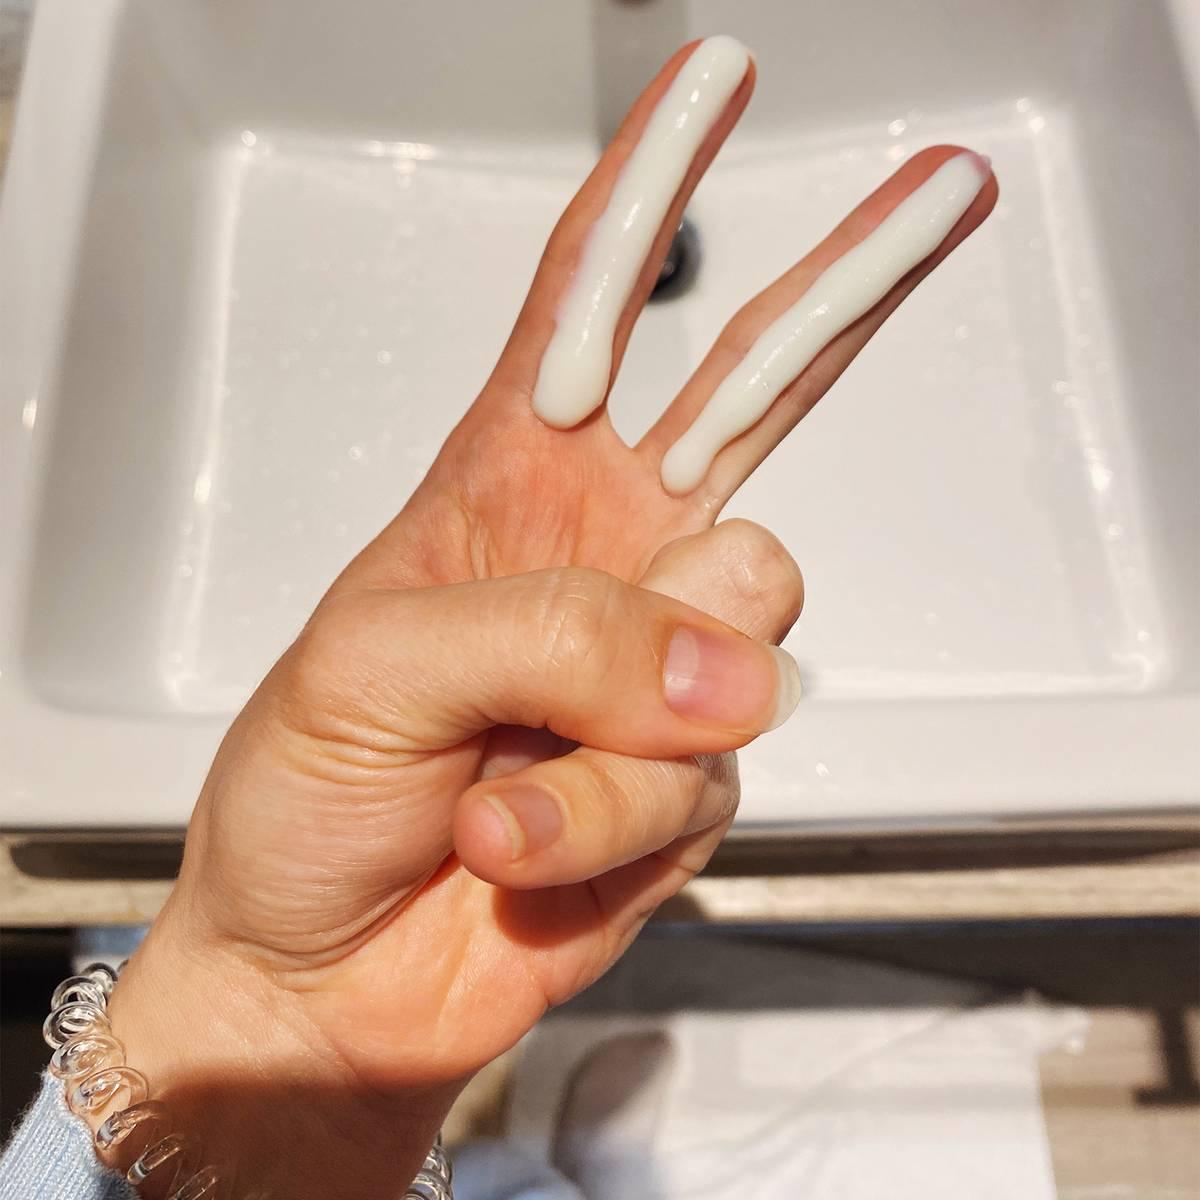 Отмерять количество солнцезащитного крема безмерных ложек удобно пальцами